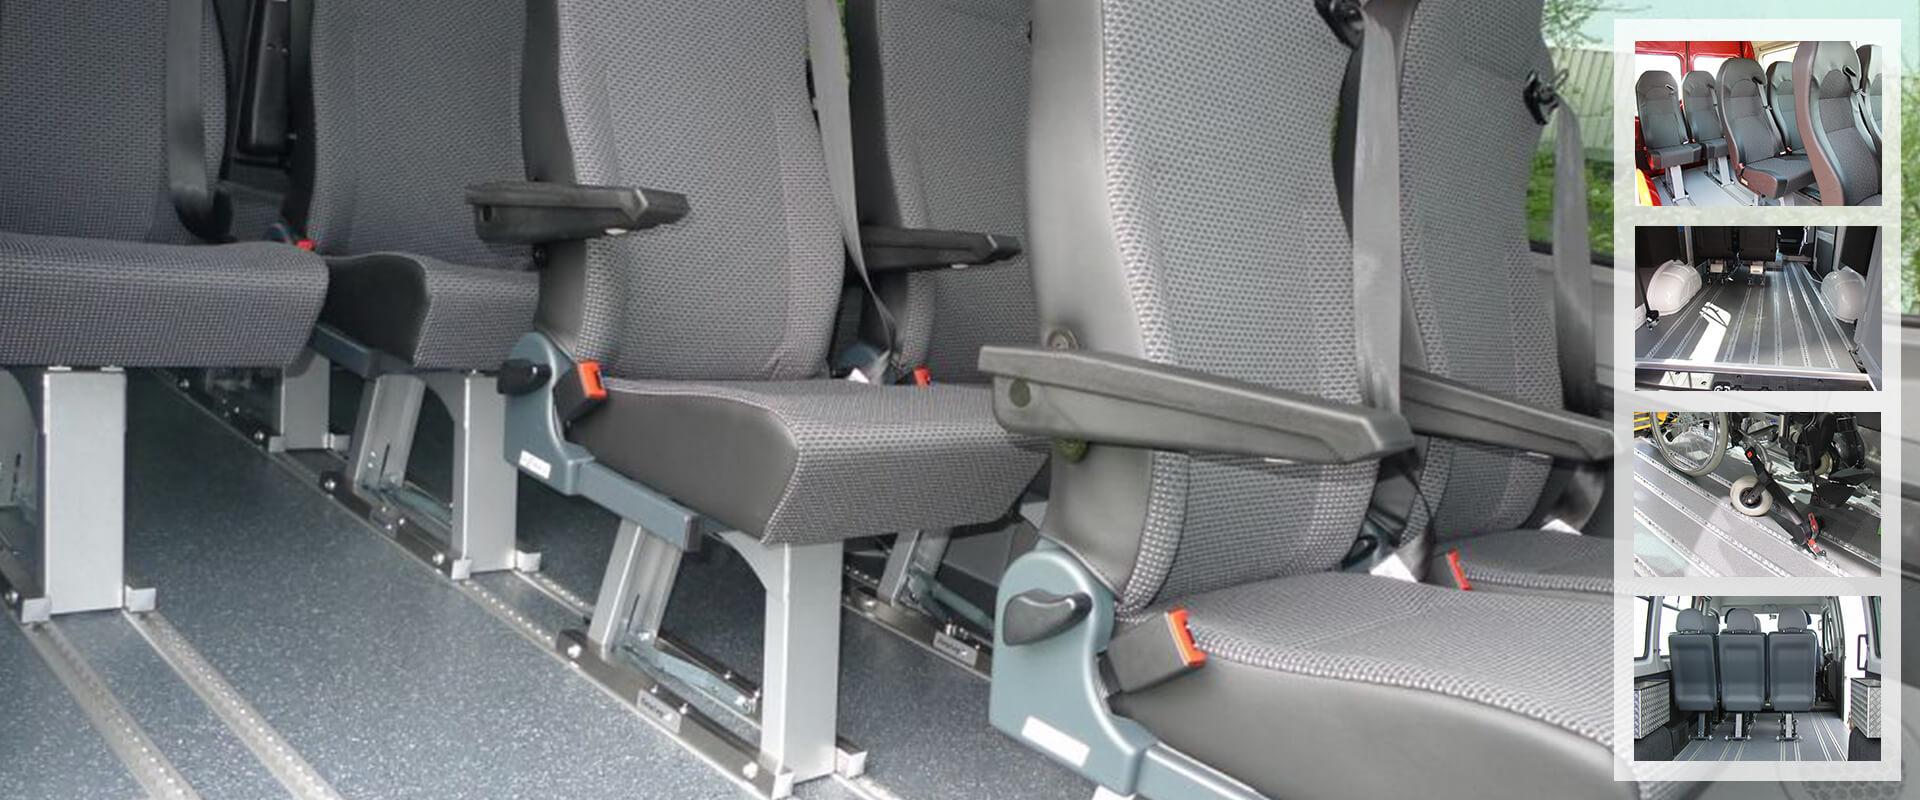 Schoon Fahrzeugsysteme Slider 12 4 19